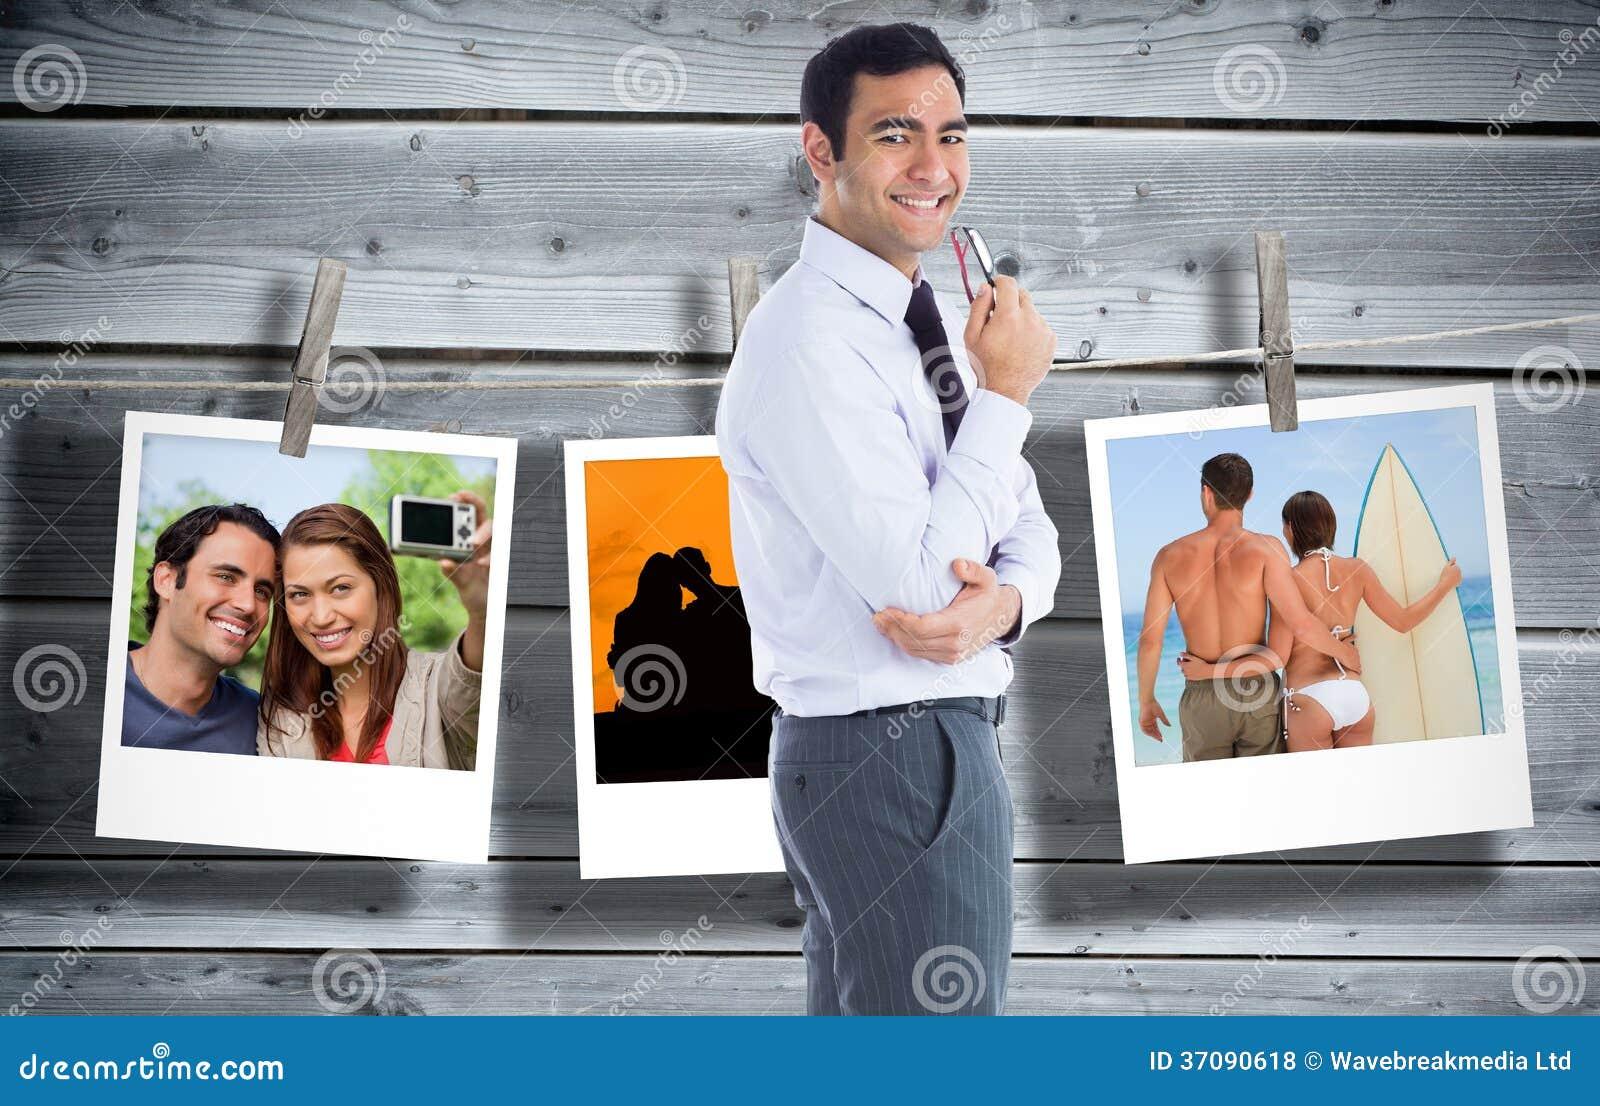 Download Uśmiechnięty Biznesmen Trzyma Szkła Zdjęcie Stock - Obraz złożonej z digitise, ramię: 37090618